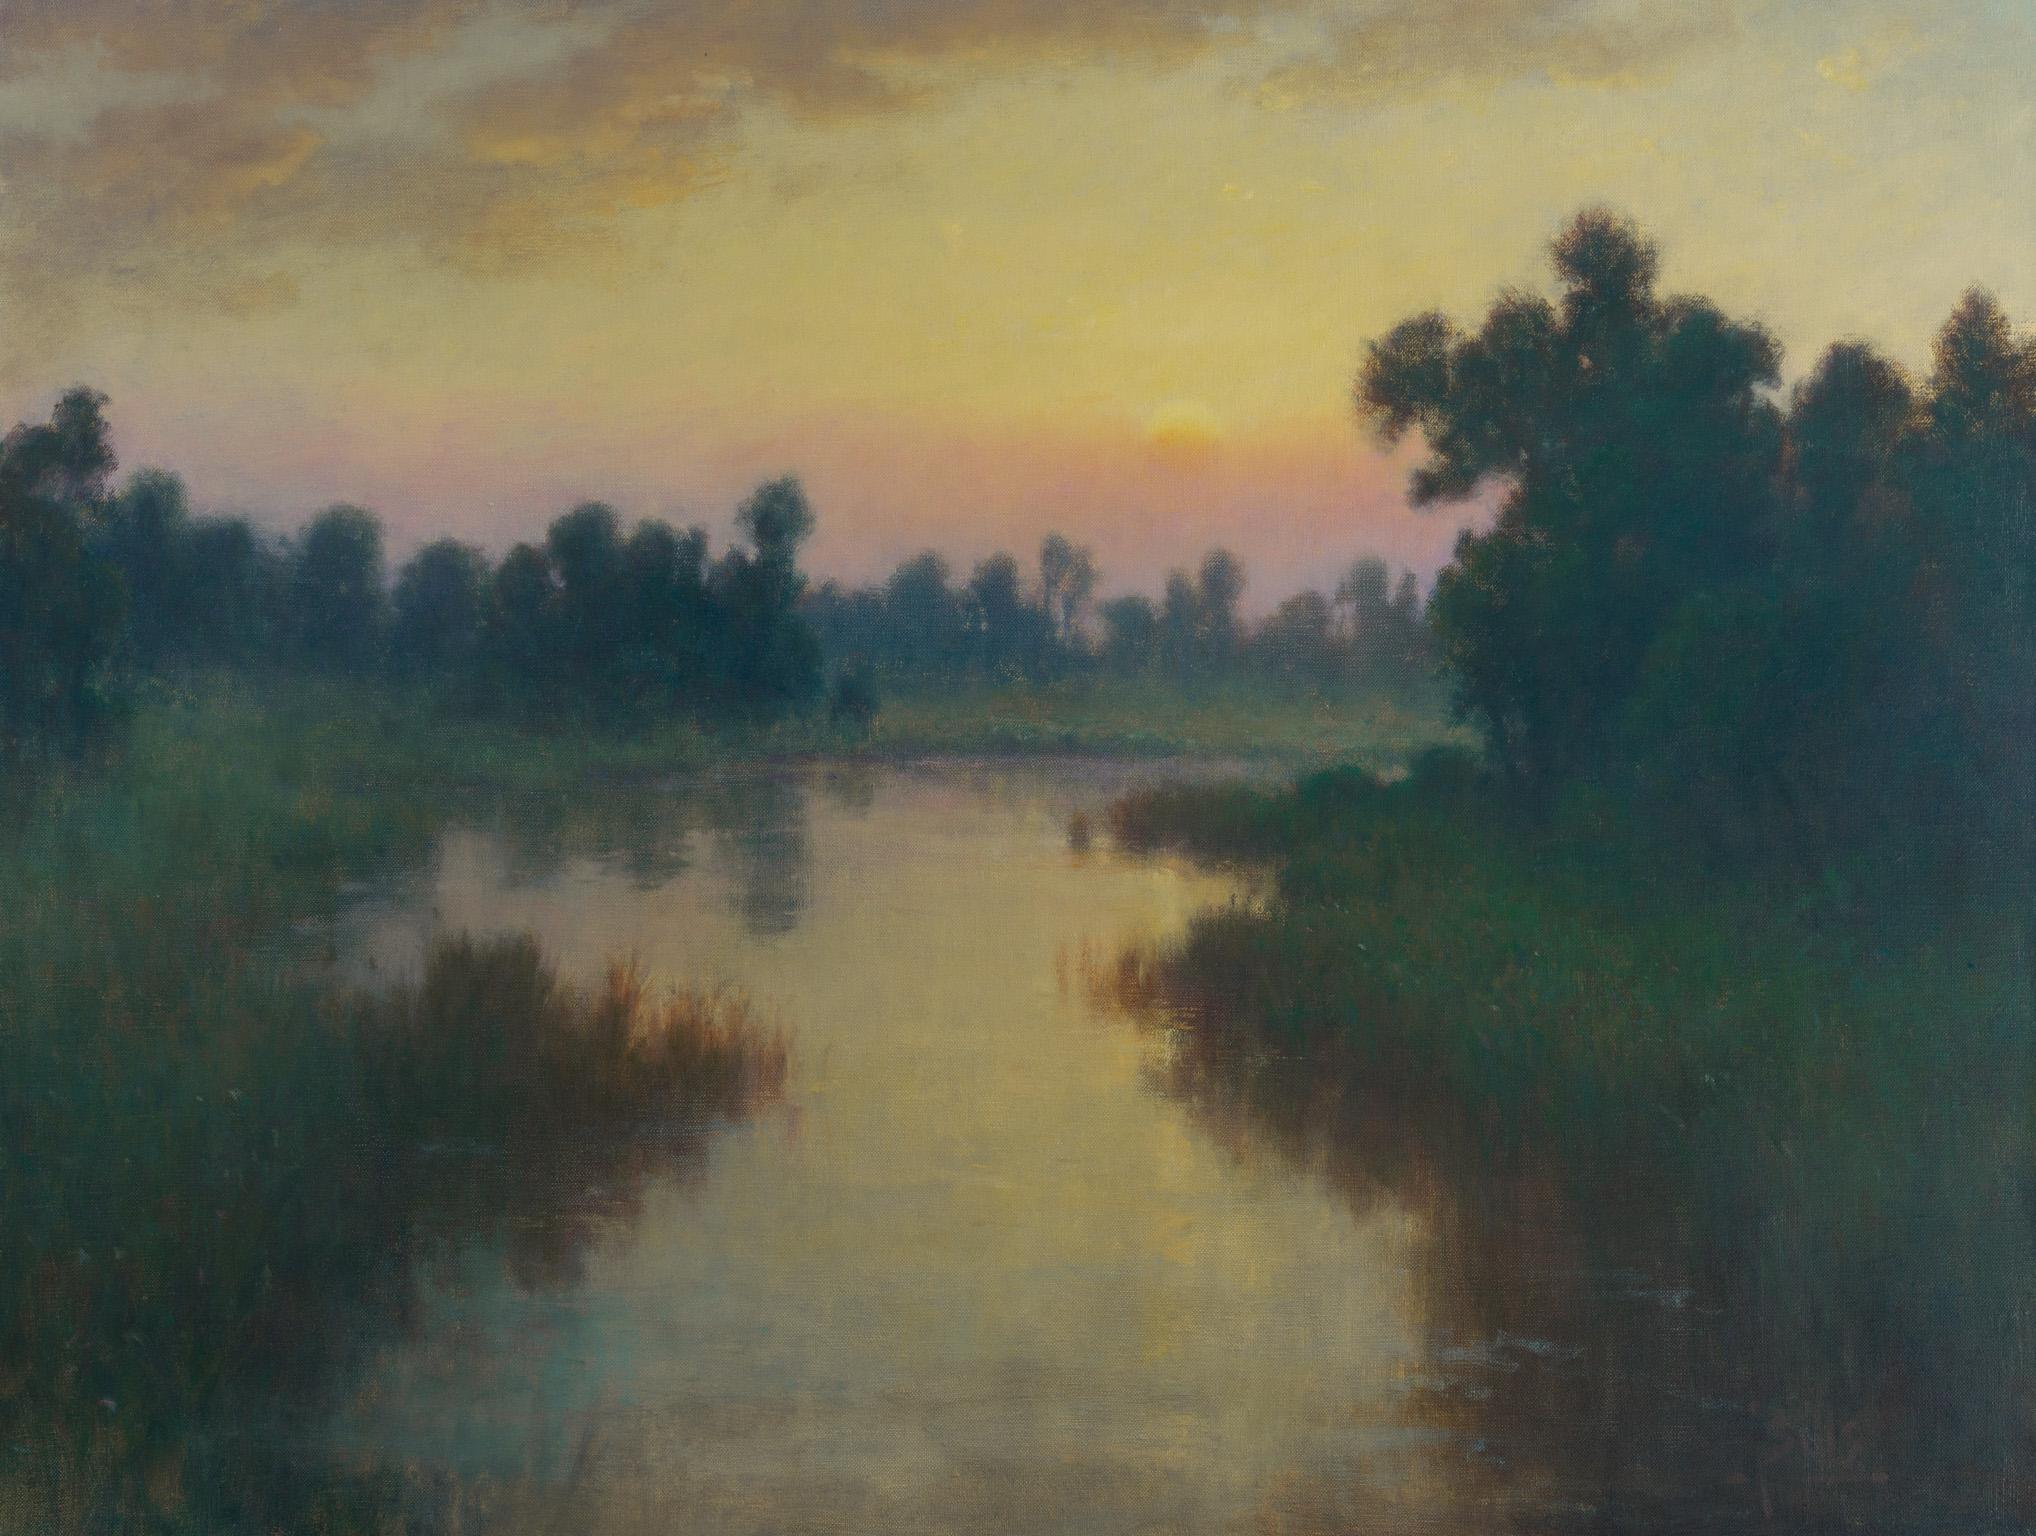 """Sills, """"Sleepy Dawn,"""" Oil on Canvas, 32 x 42 in."""